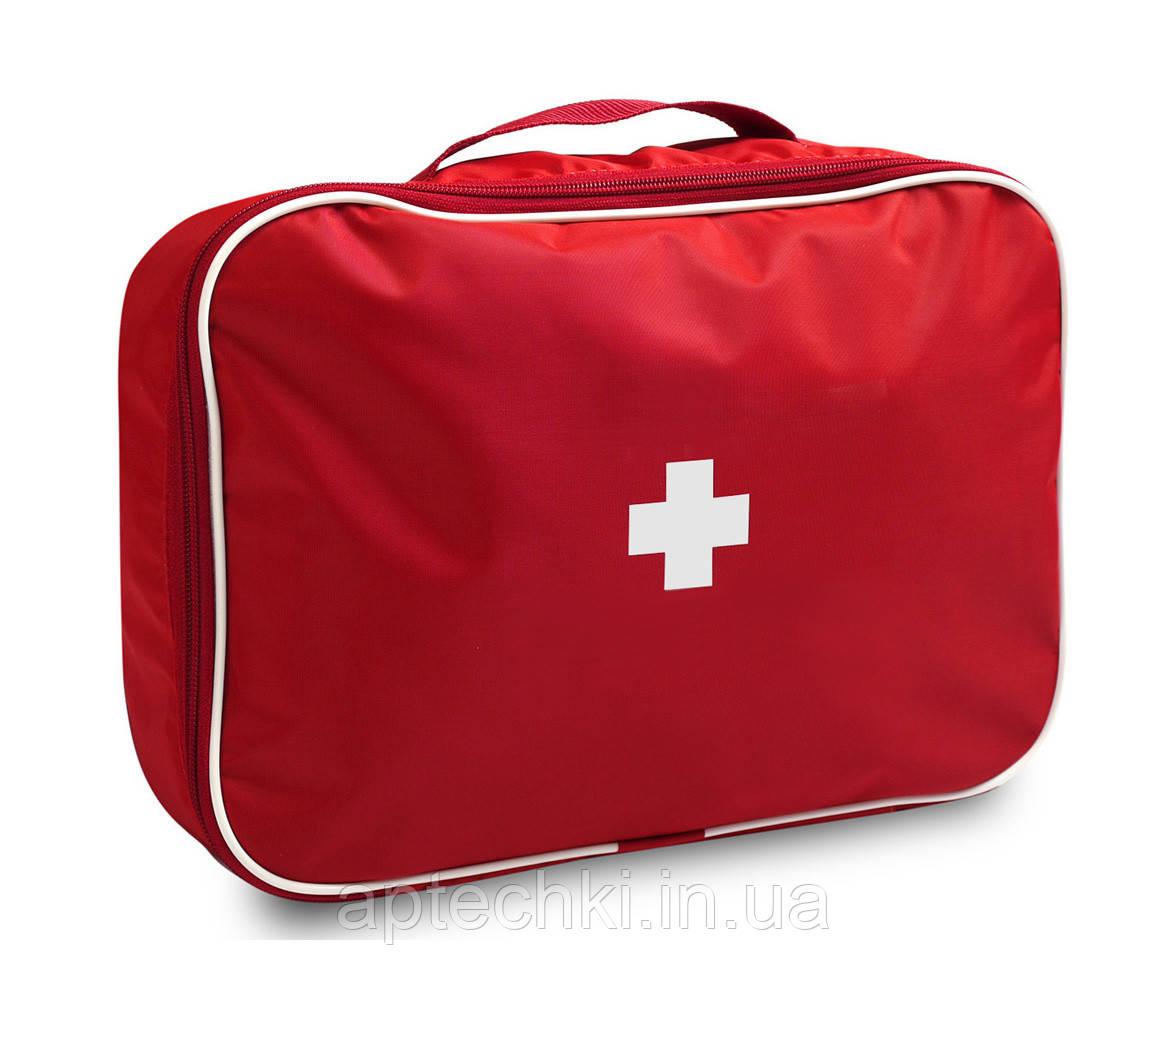 Футляр (чемоданчик) для аптечки